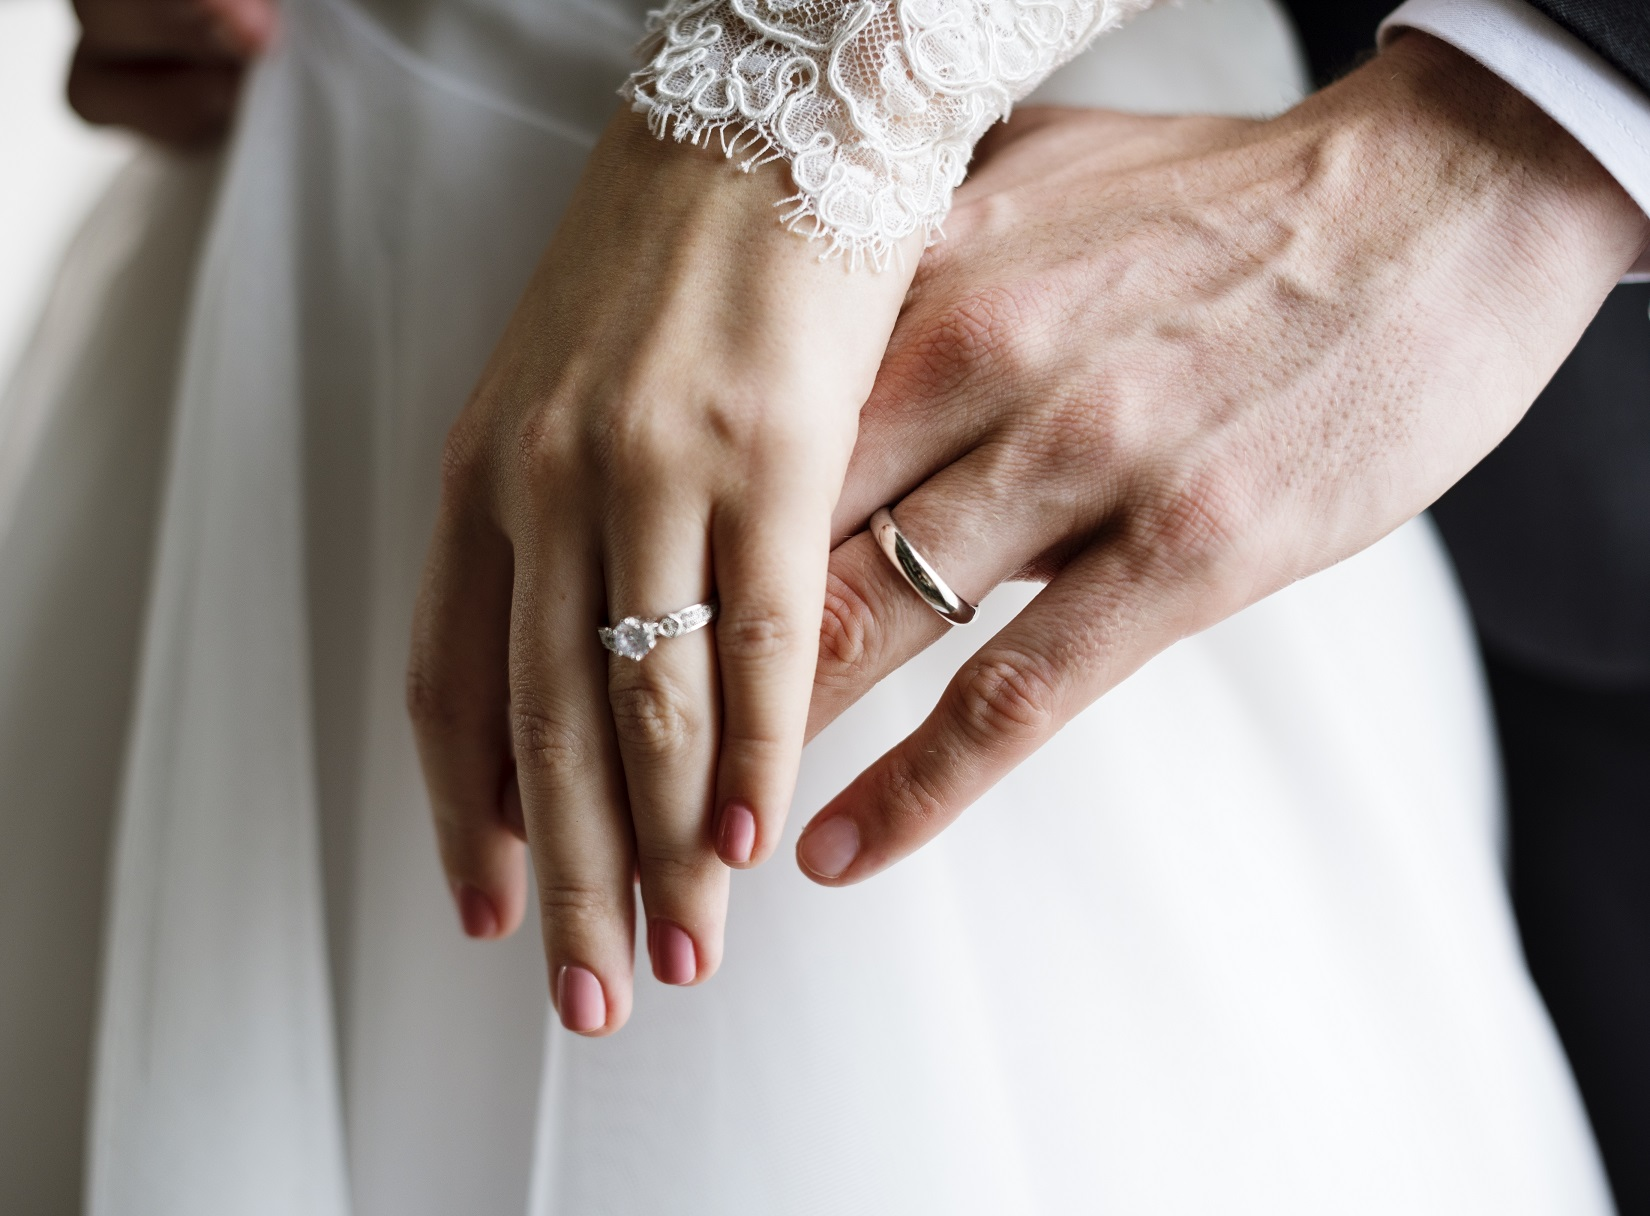 0be99091c8086 結婚が決まって、いざ結婚式を挙げようと意気込んでも、「何からしたらいいか分からない」という人、いるのではないでしょうか?結婚式は一生に一度。大事な式で失敗は  ...